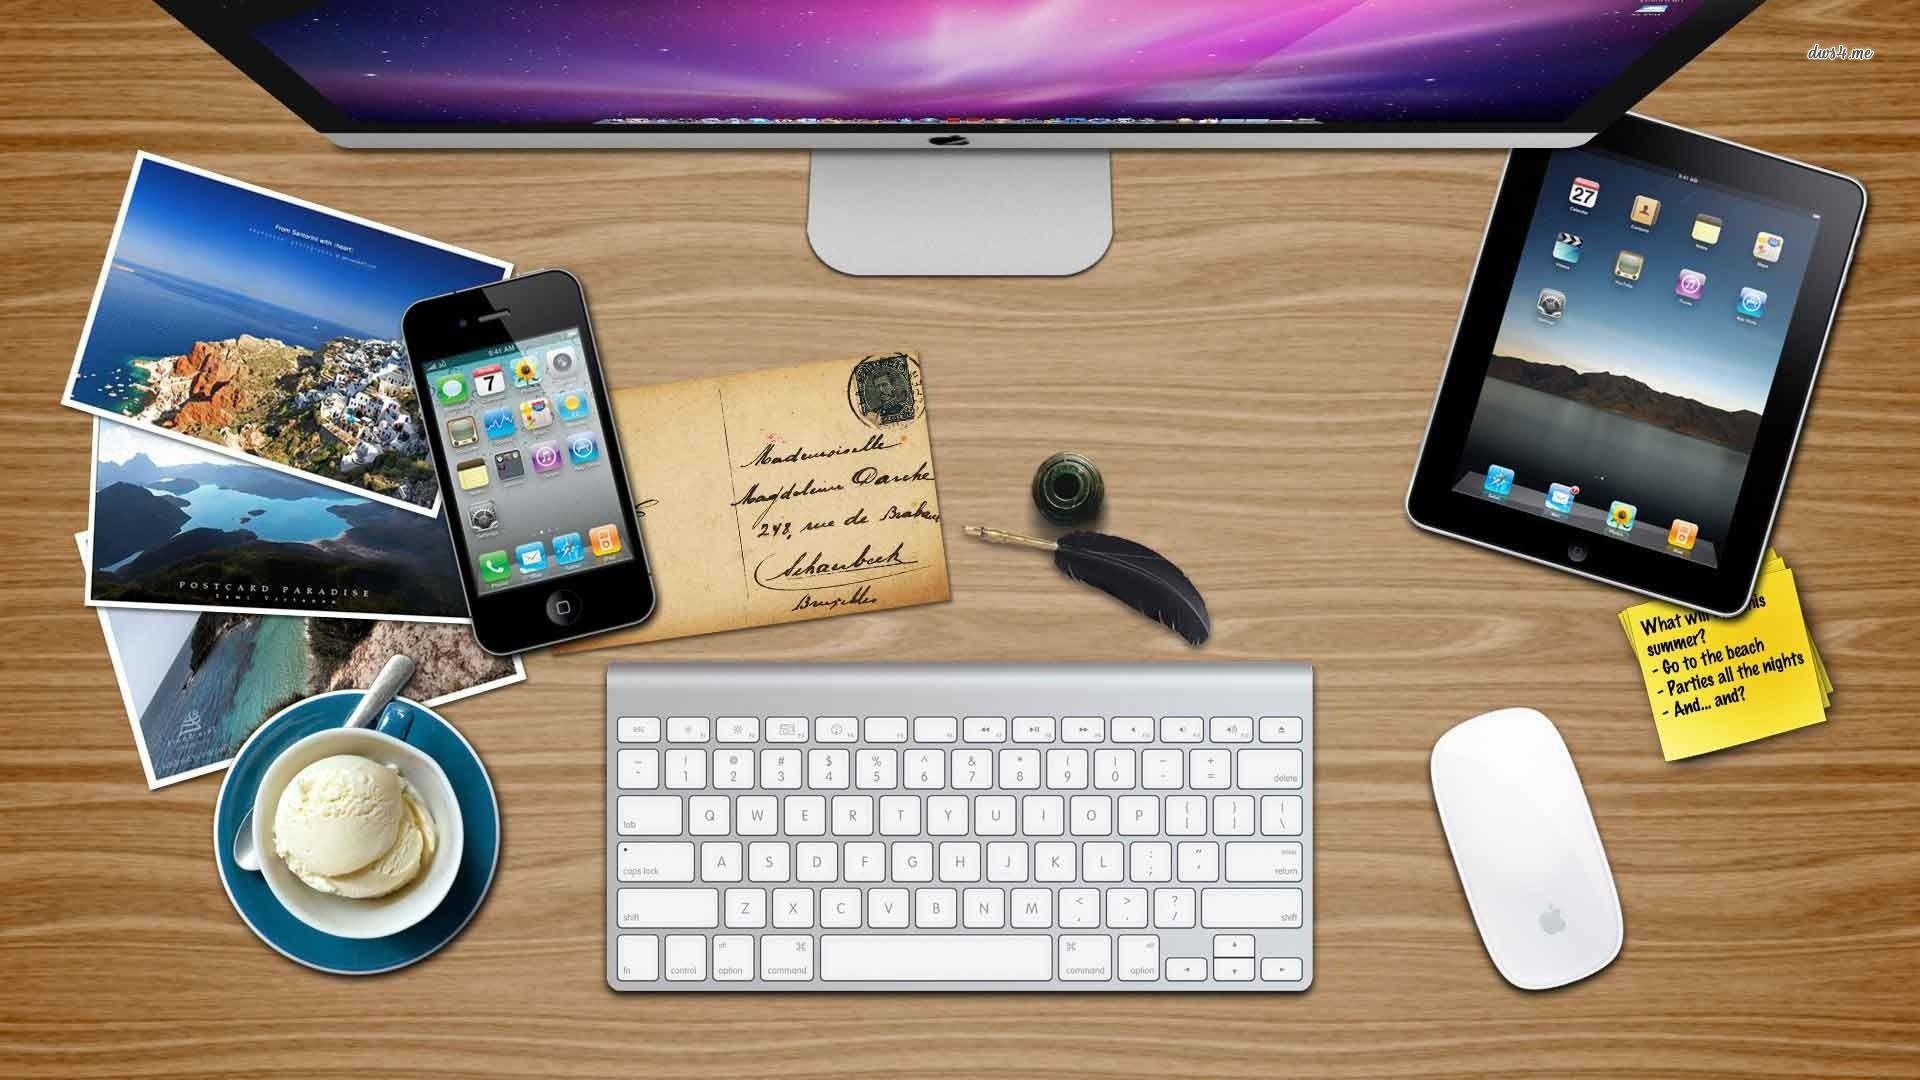 Apple Office Hd Wallpaper Hd Apple Wallpapers Computer Apple Office